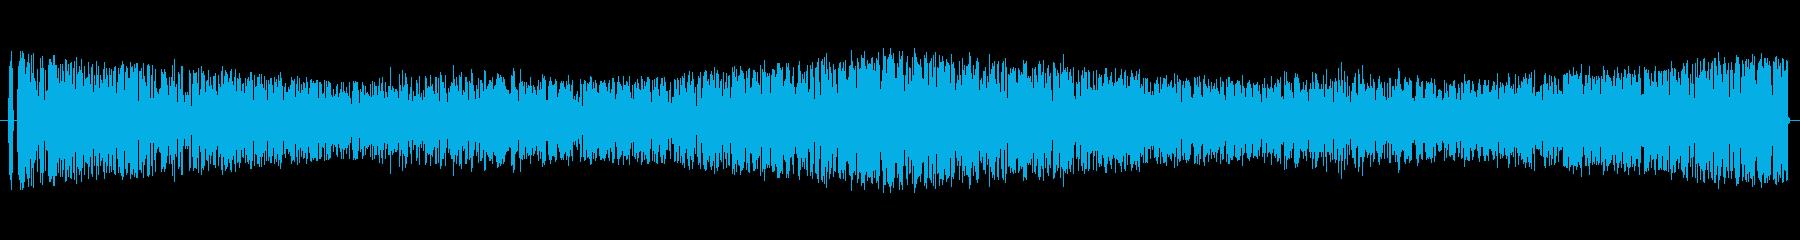 嵐/竜巻の効果音に最適です!ループ可能2の再生済みの波形